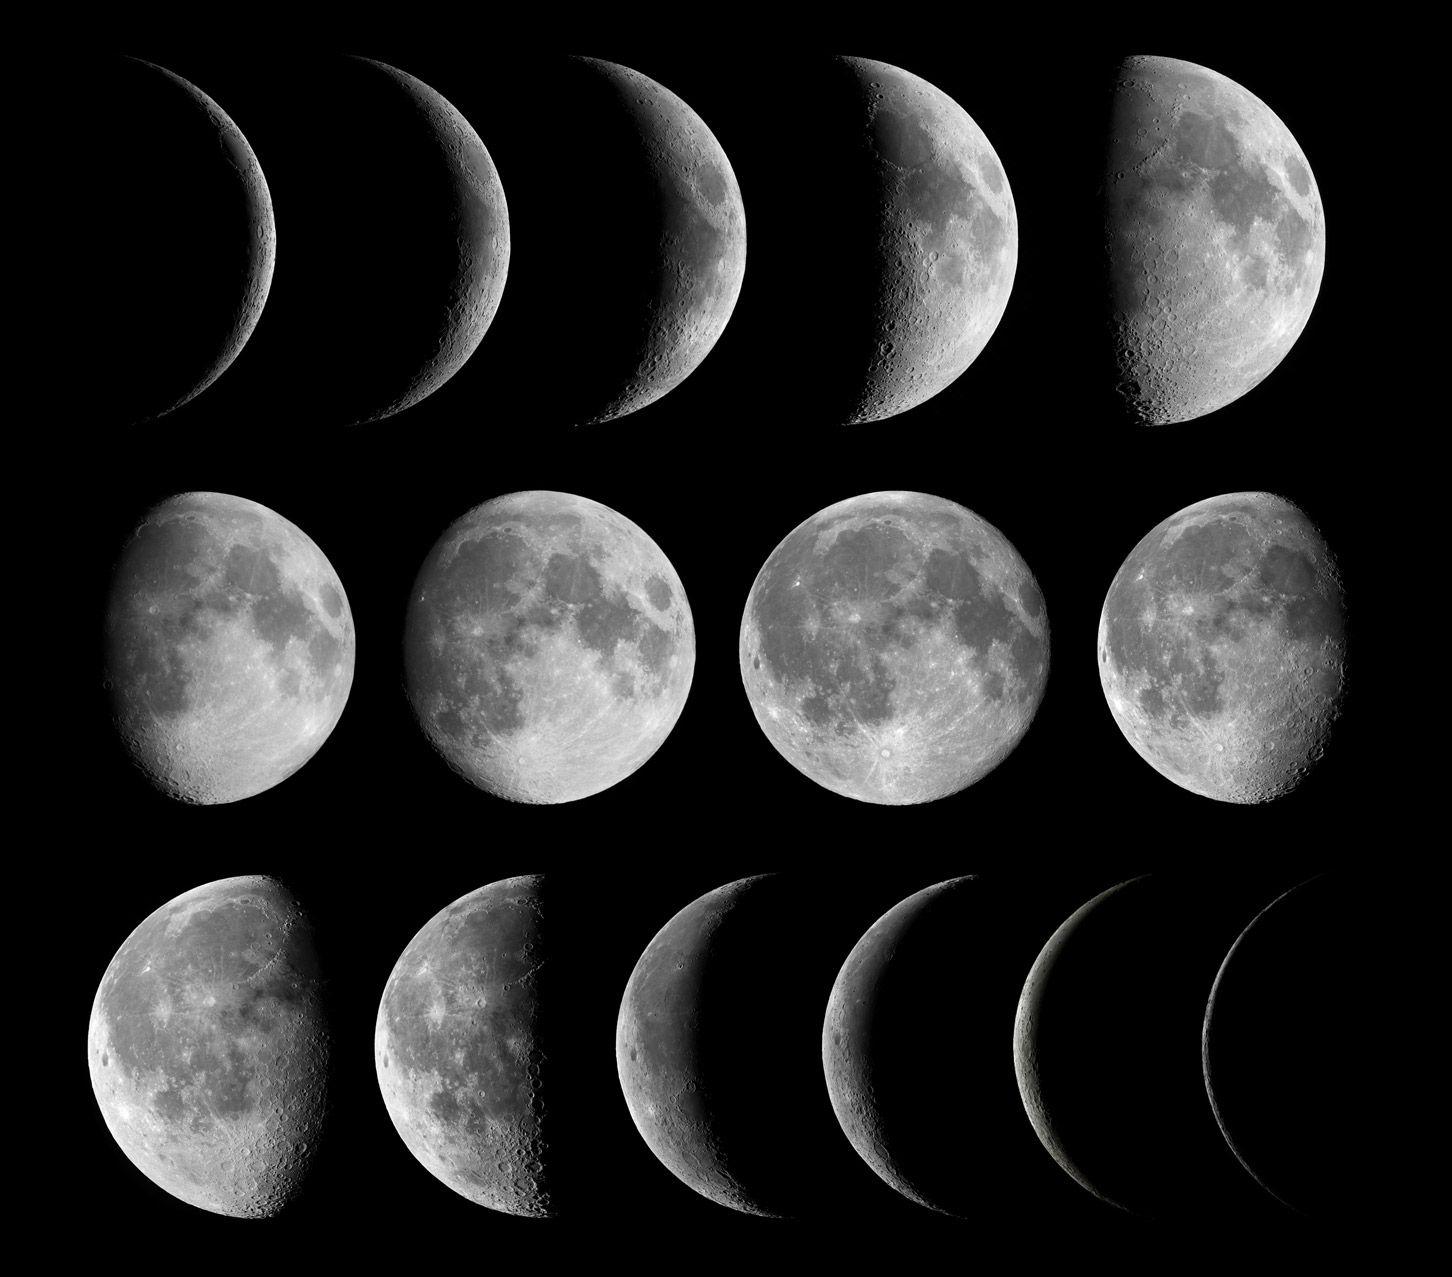 la lune tourne